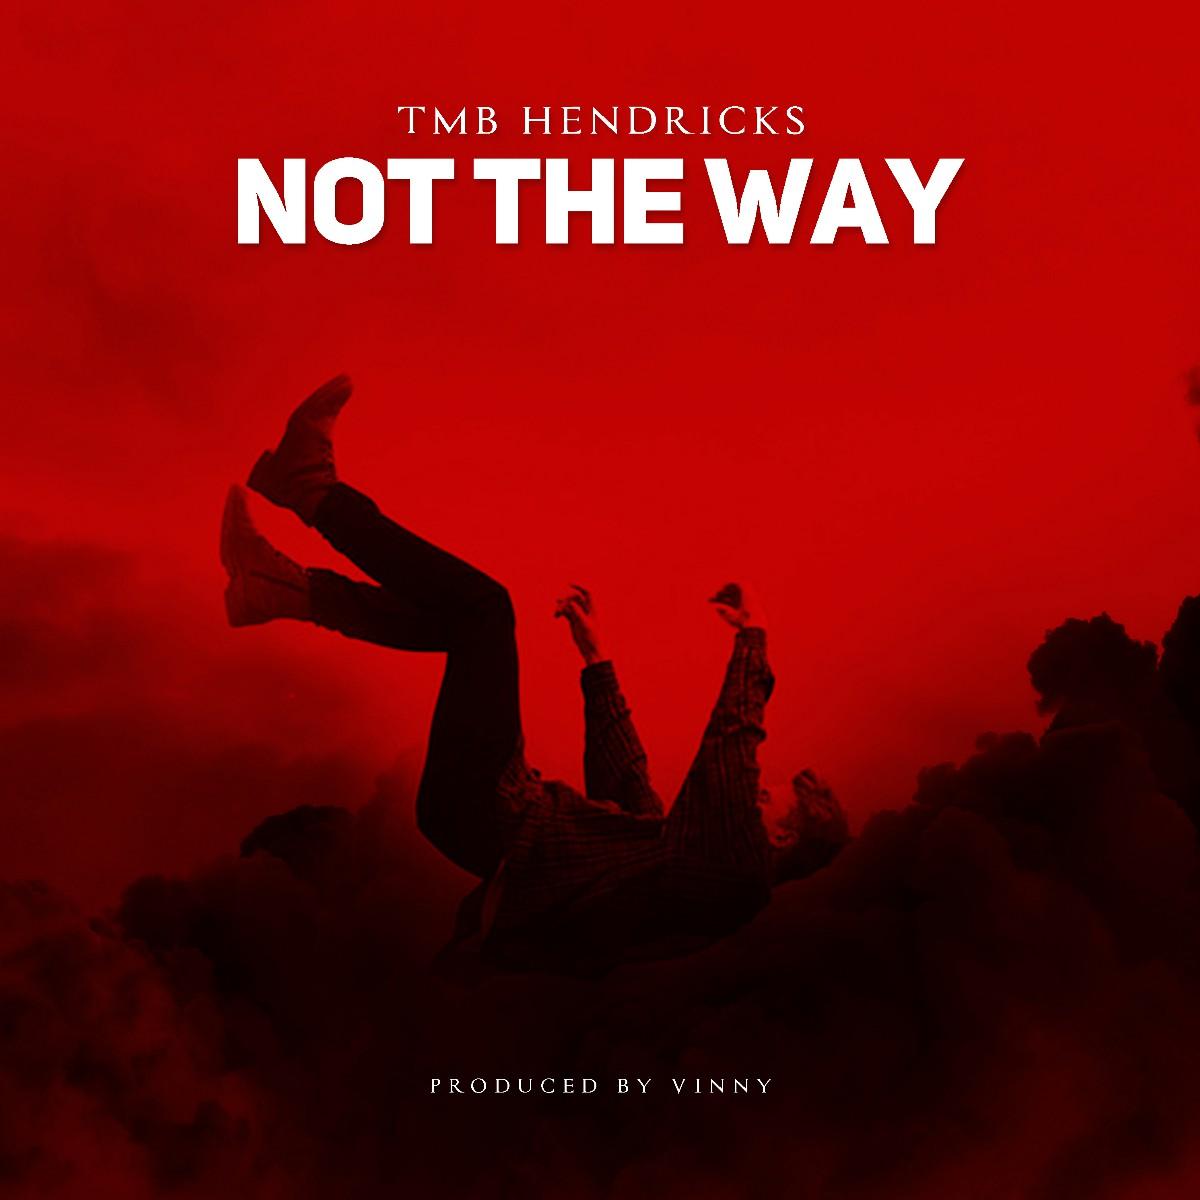 TMB Hendricks - Not The Way